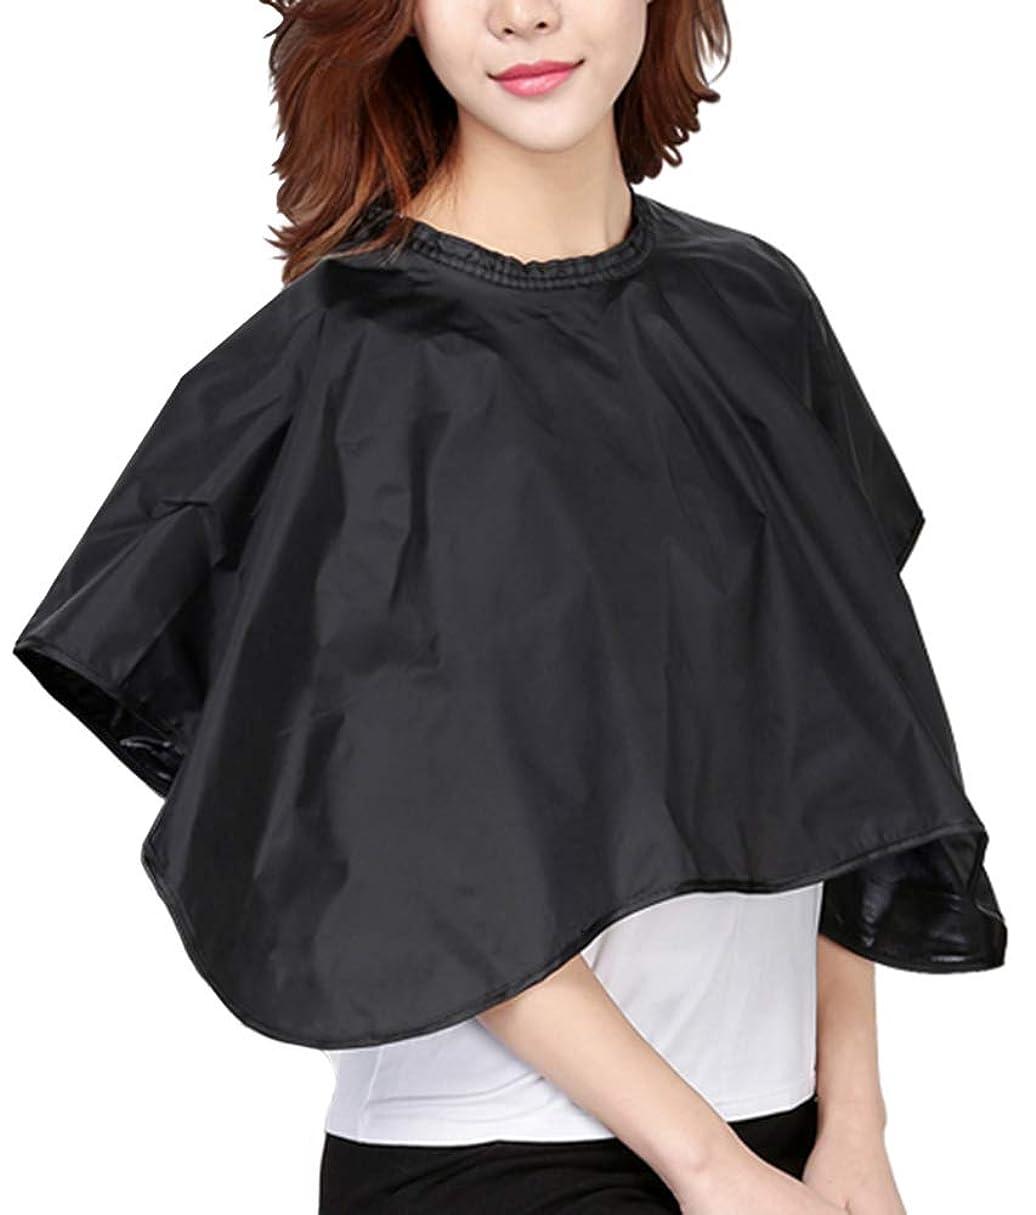 ドック凶暴な予約(ヨーテイ) Youtei 小型 防水 散髪 ケープ ヘアエプロン (82×71cm, ブラック)